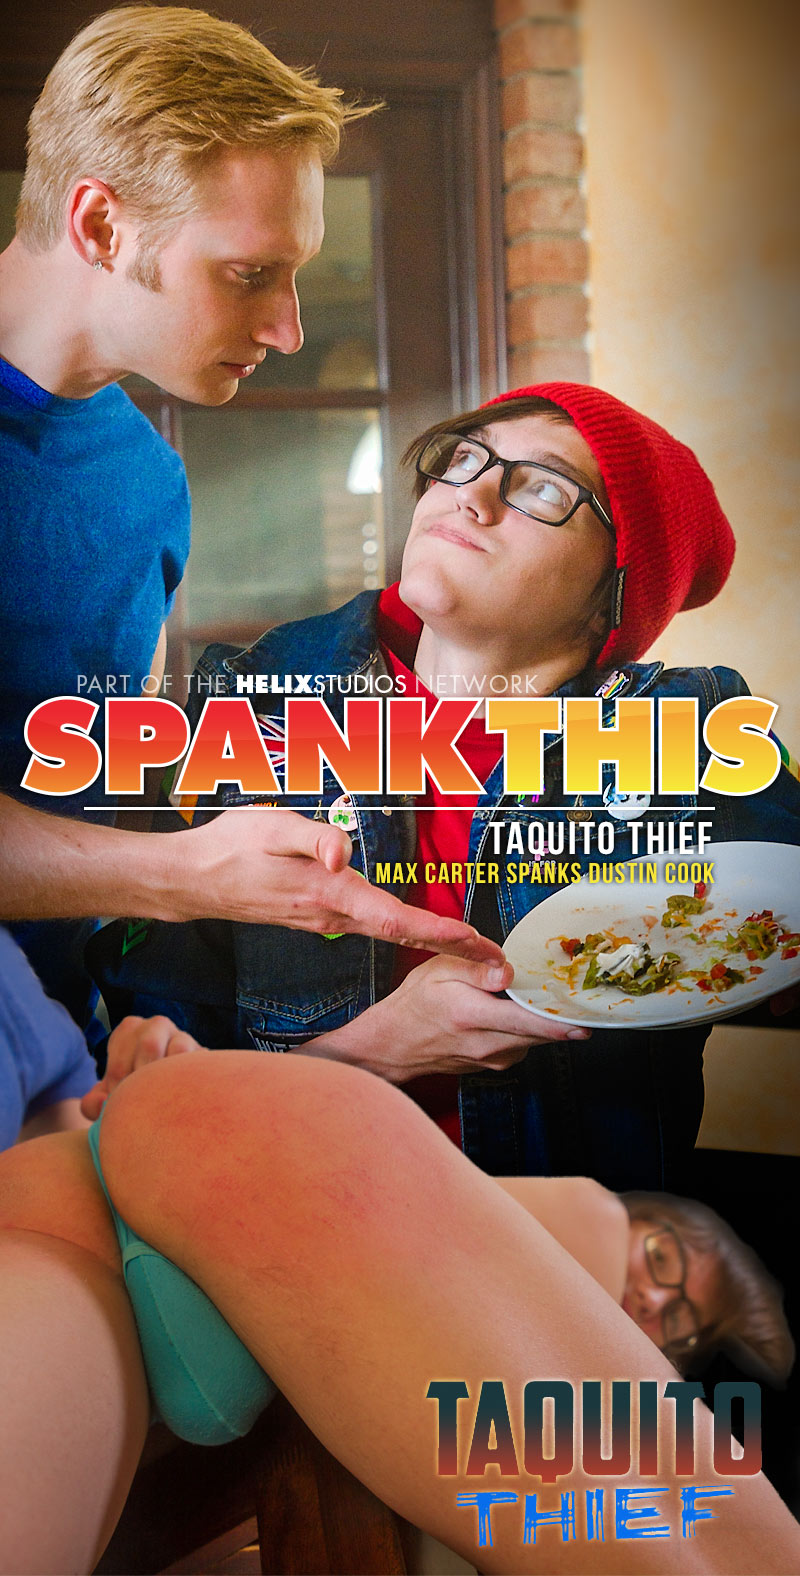 Taquito Thief (Max Carter Spanks Dustin Cook) at SpankThis!